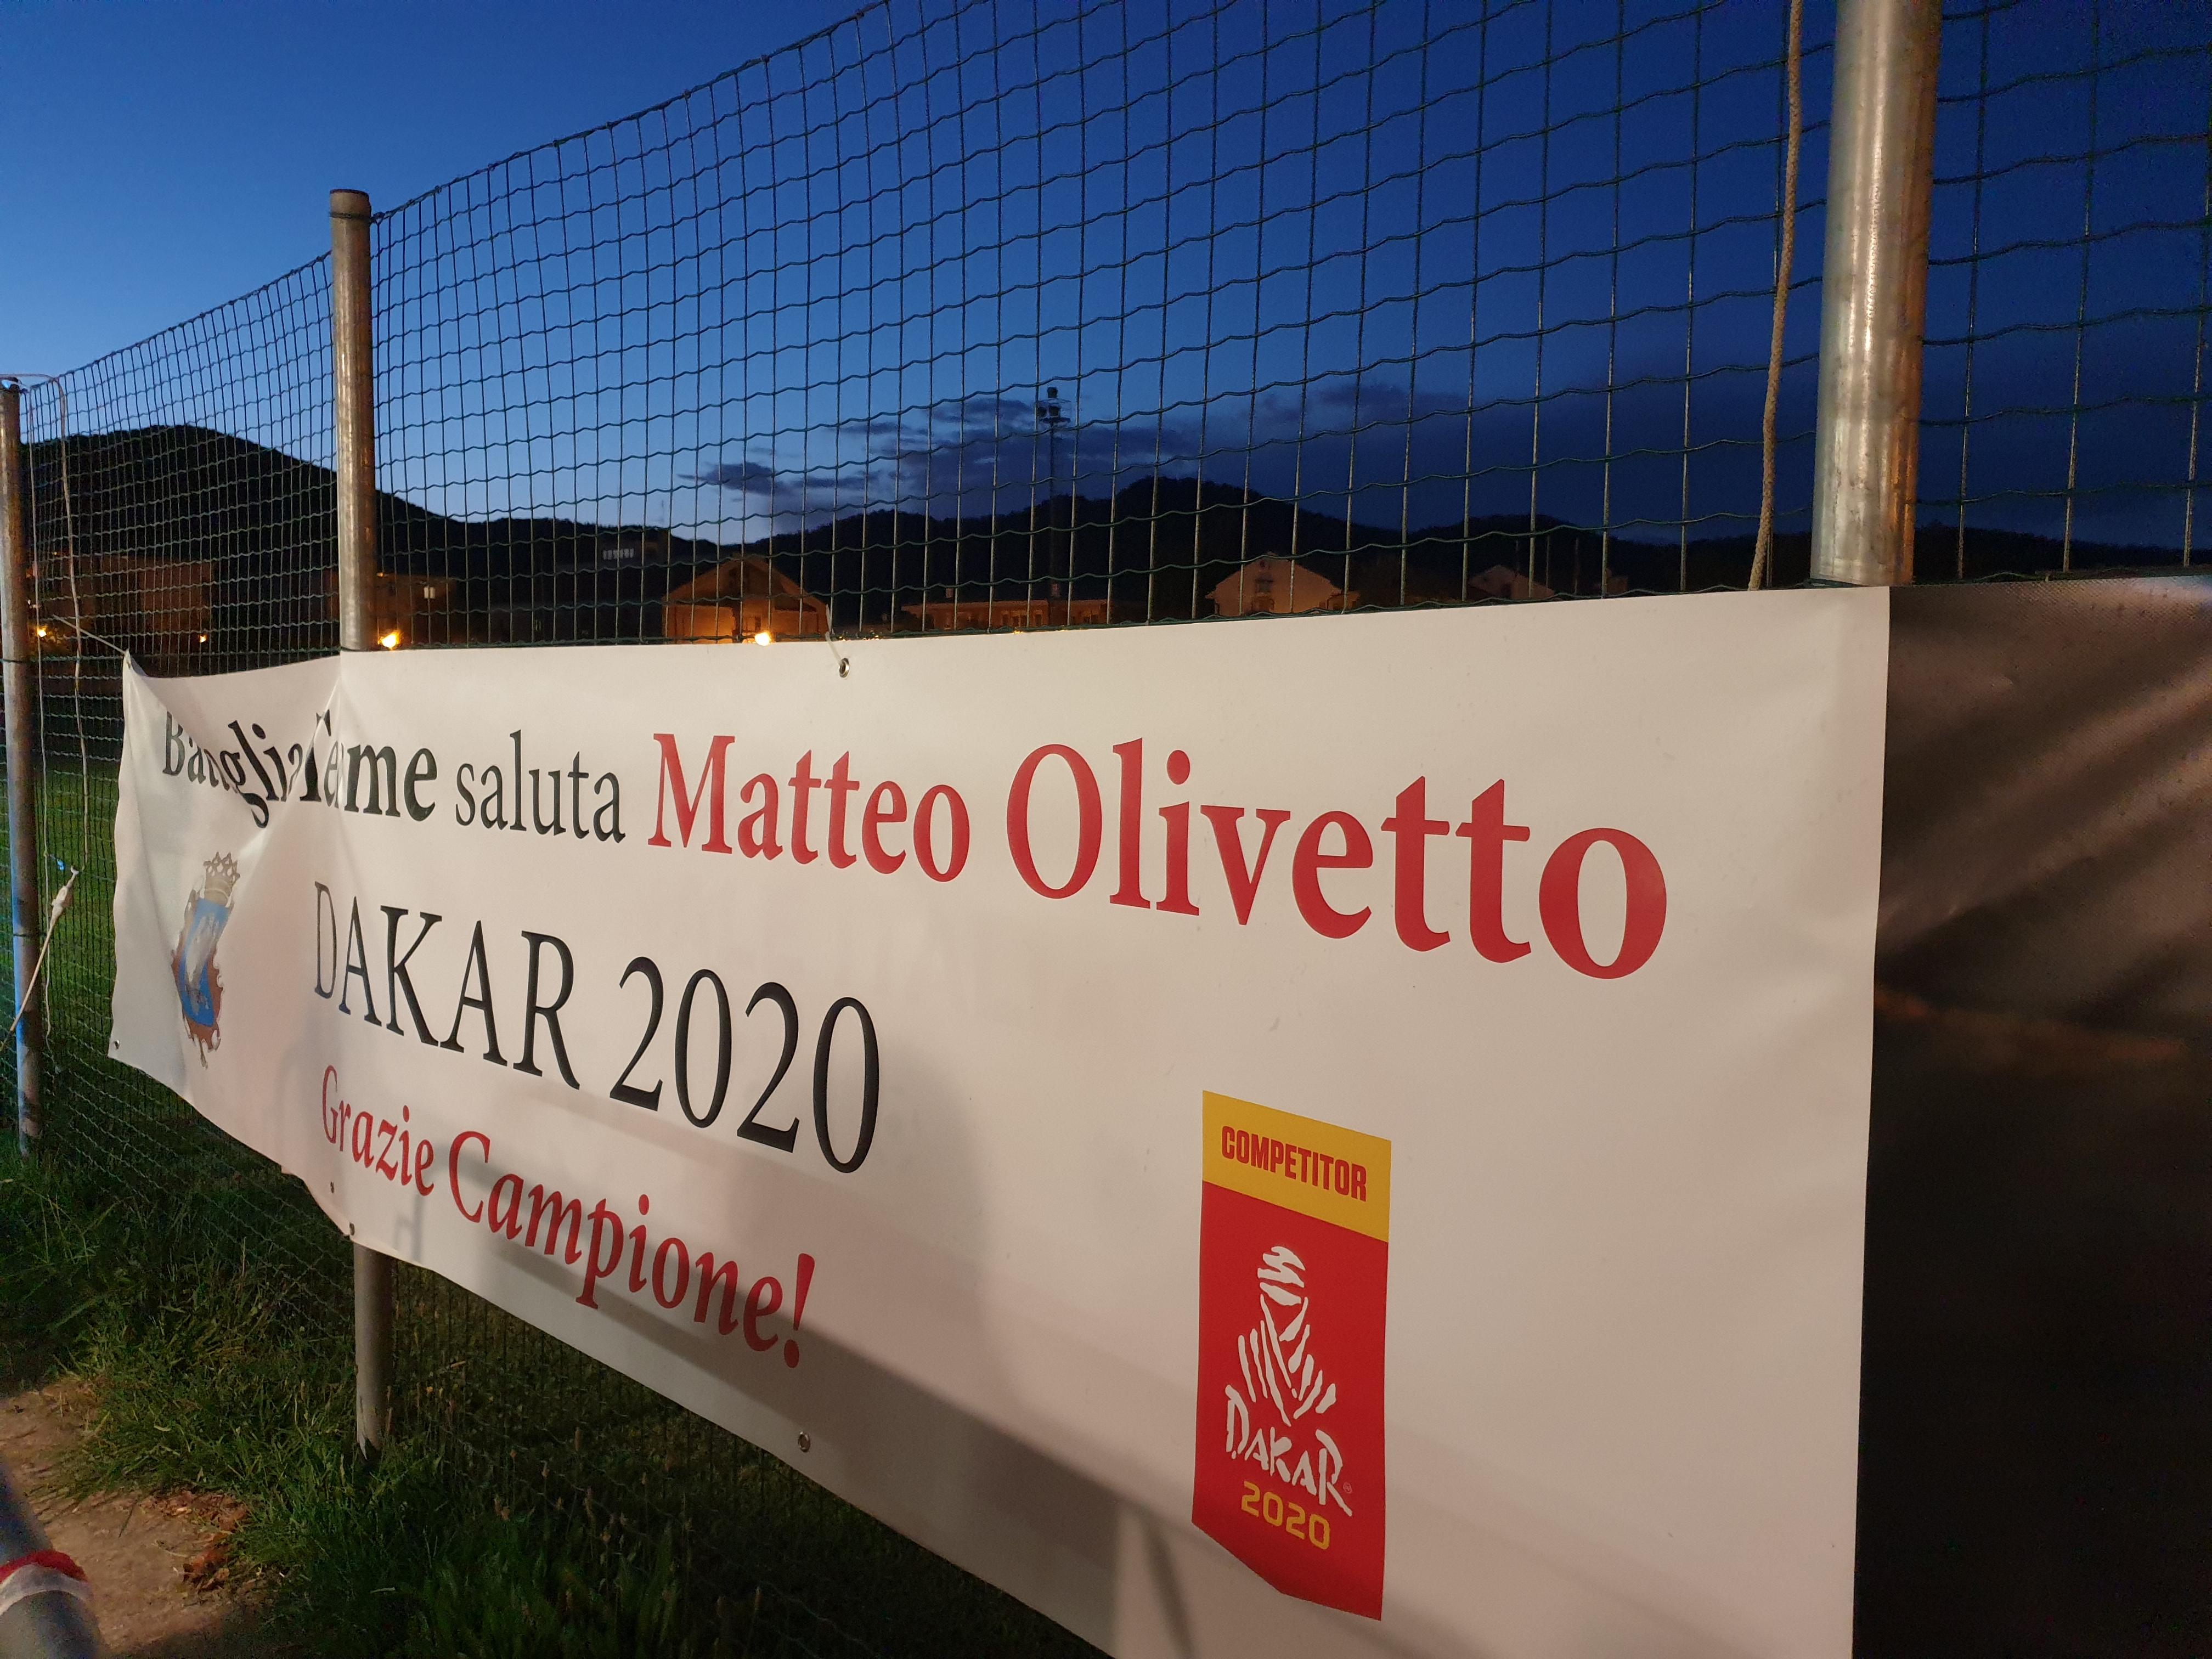 Festa Ringraziamento Matteo Olivetto - Dakar 2020